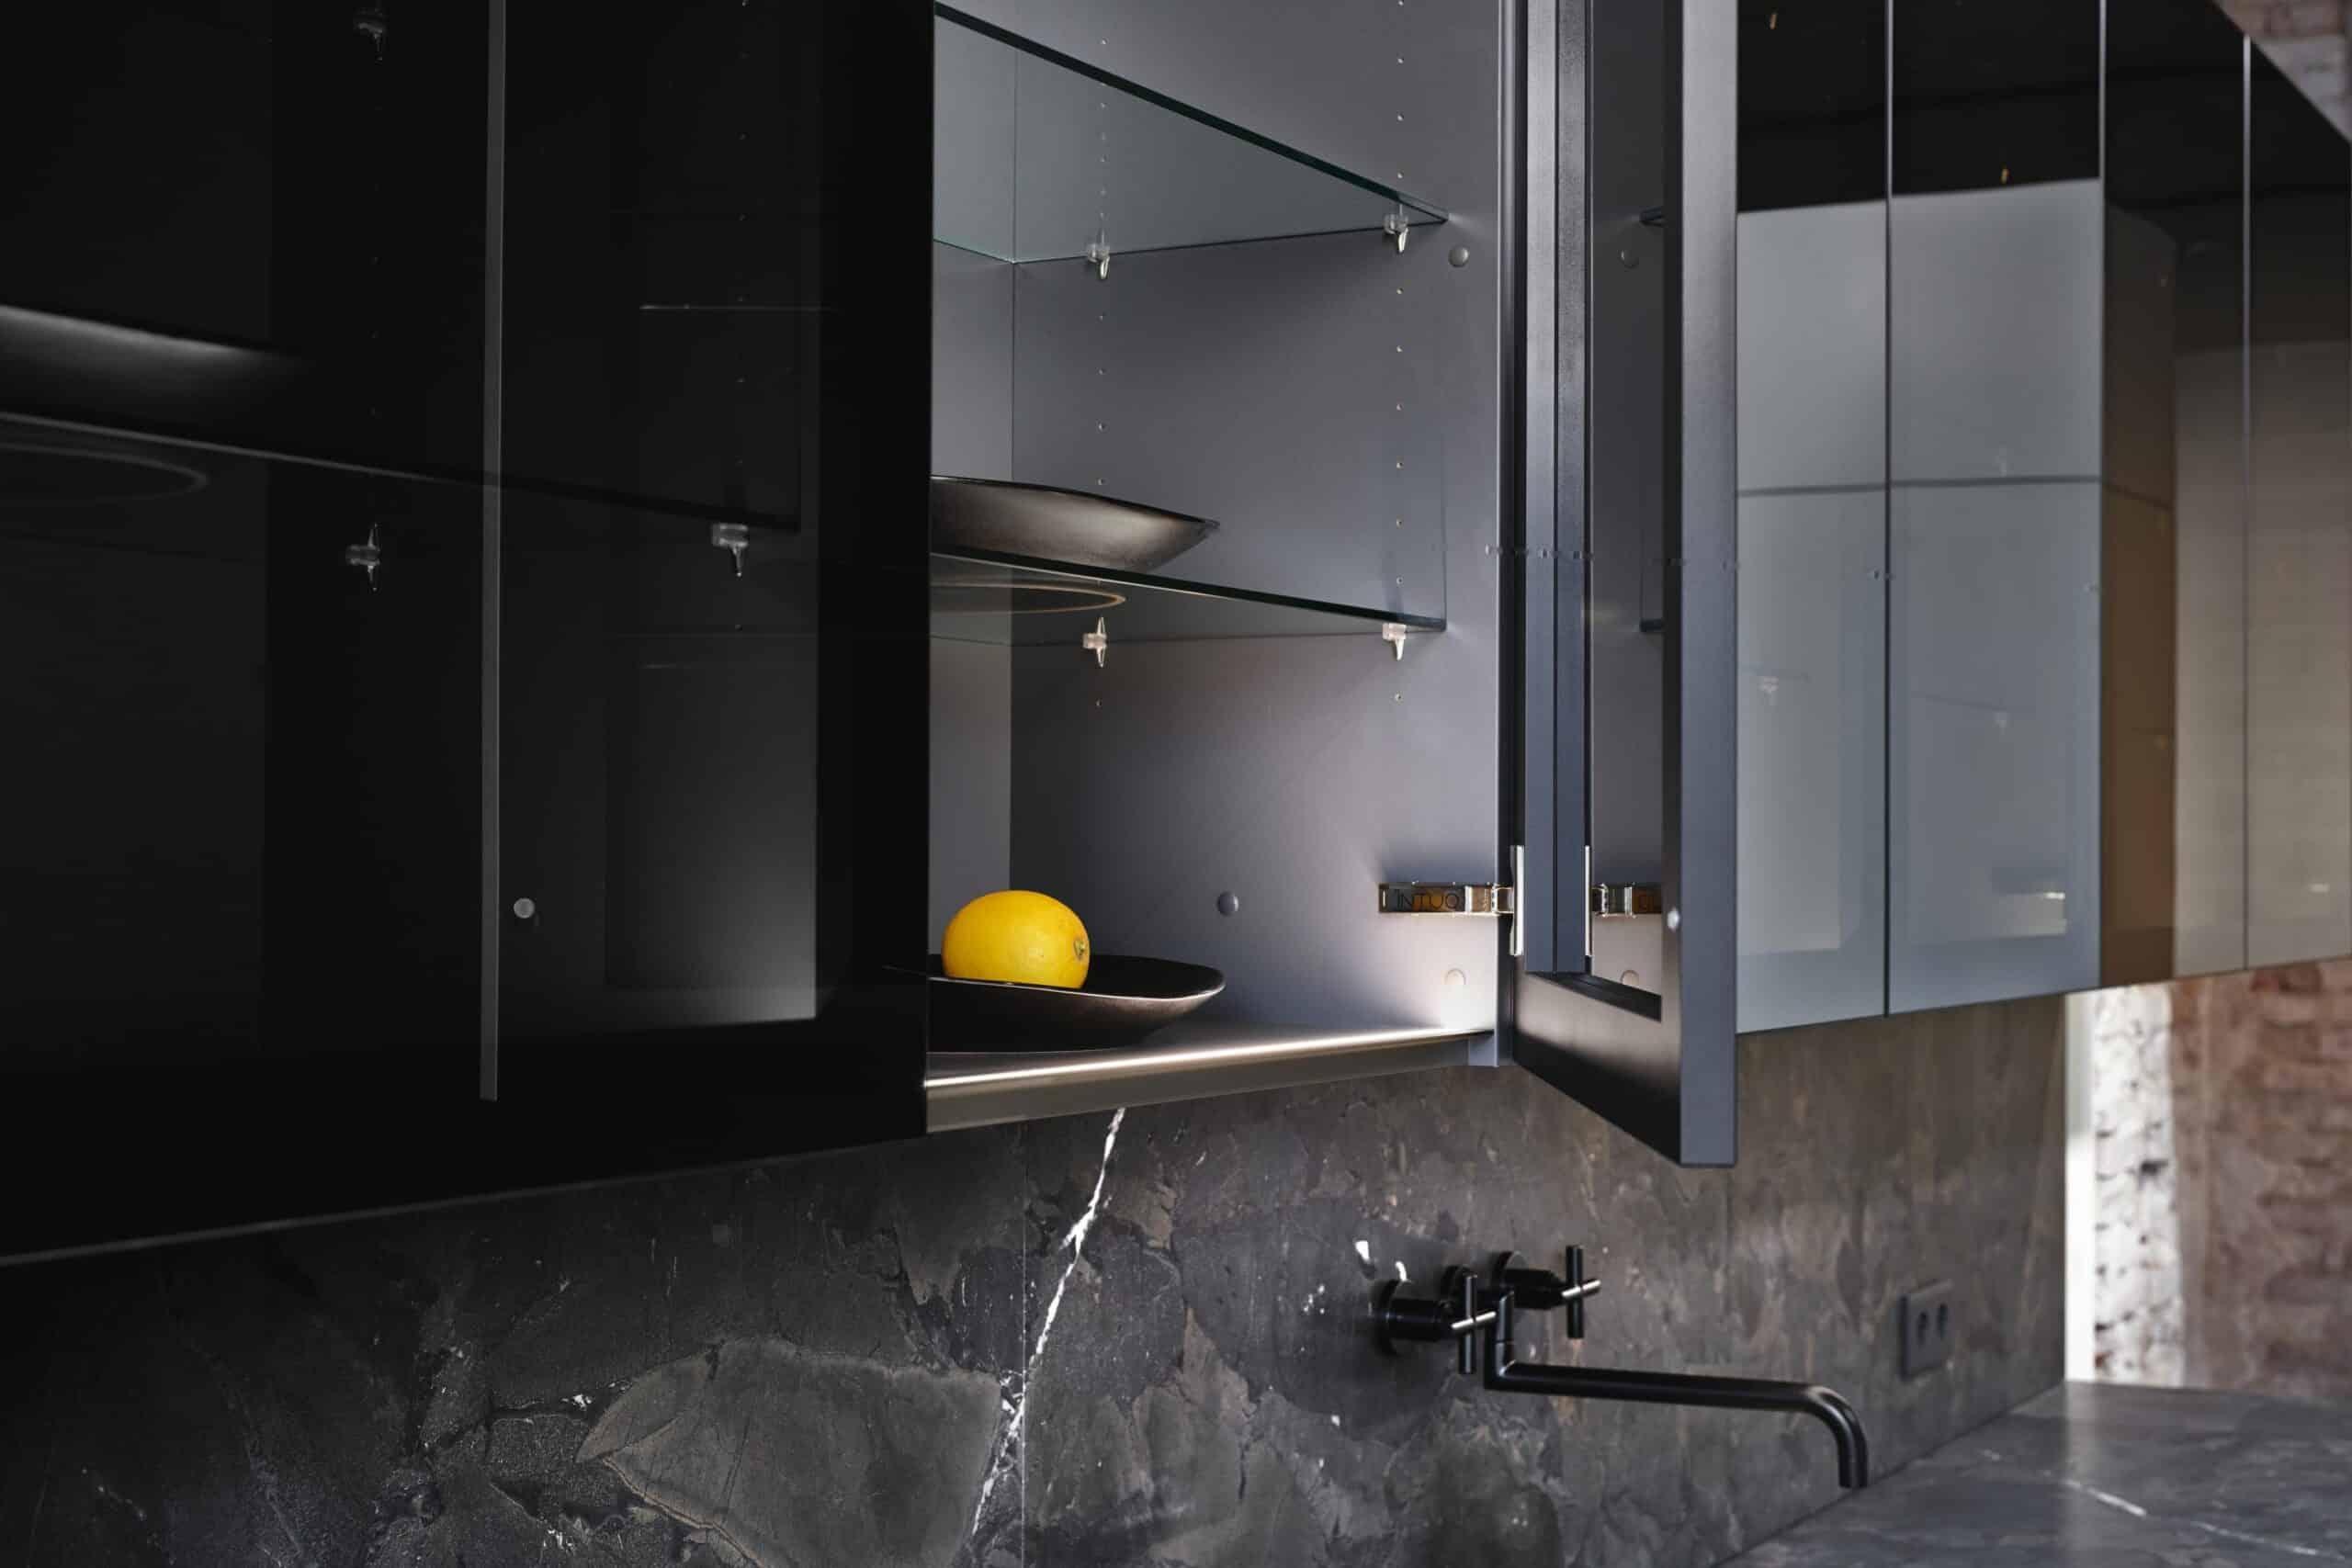 Glasschrank | Küchenplanung - Eilmannsberger Rohrbach